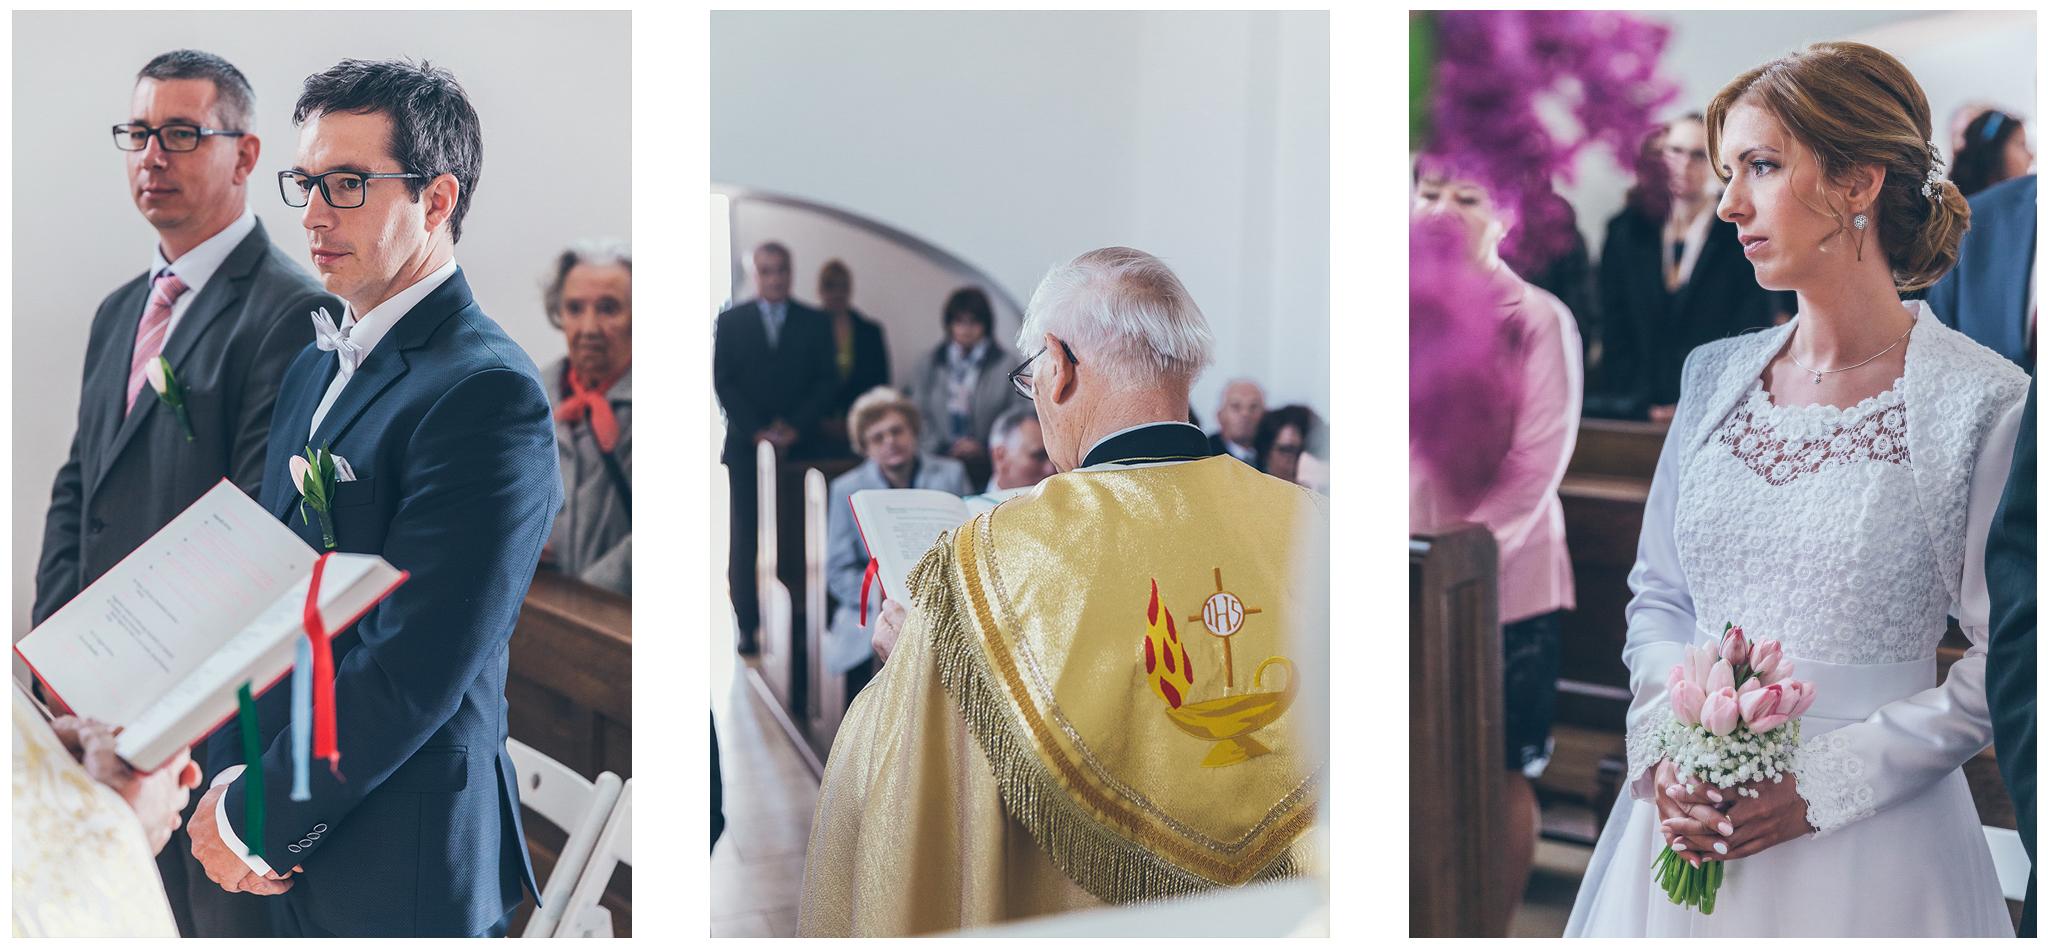 FylepPhoto, esküvőfotós, esküvői fotós Körmend, Szombathely, esküvőfotózás, magyarország, vas megye, prémium, jegyesfotózás, Fülöp Péter, körmend, kreatív, fotográfus_15.jpg